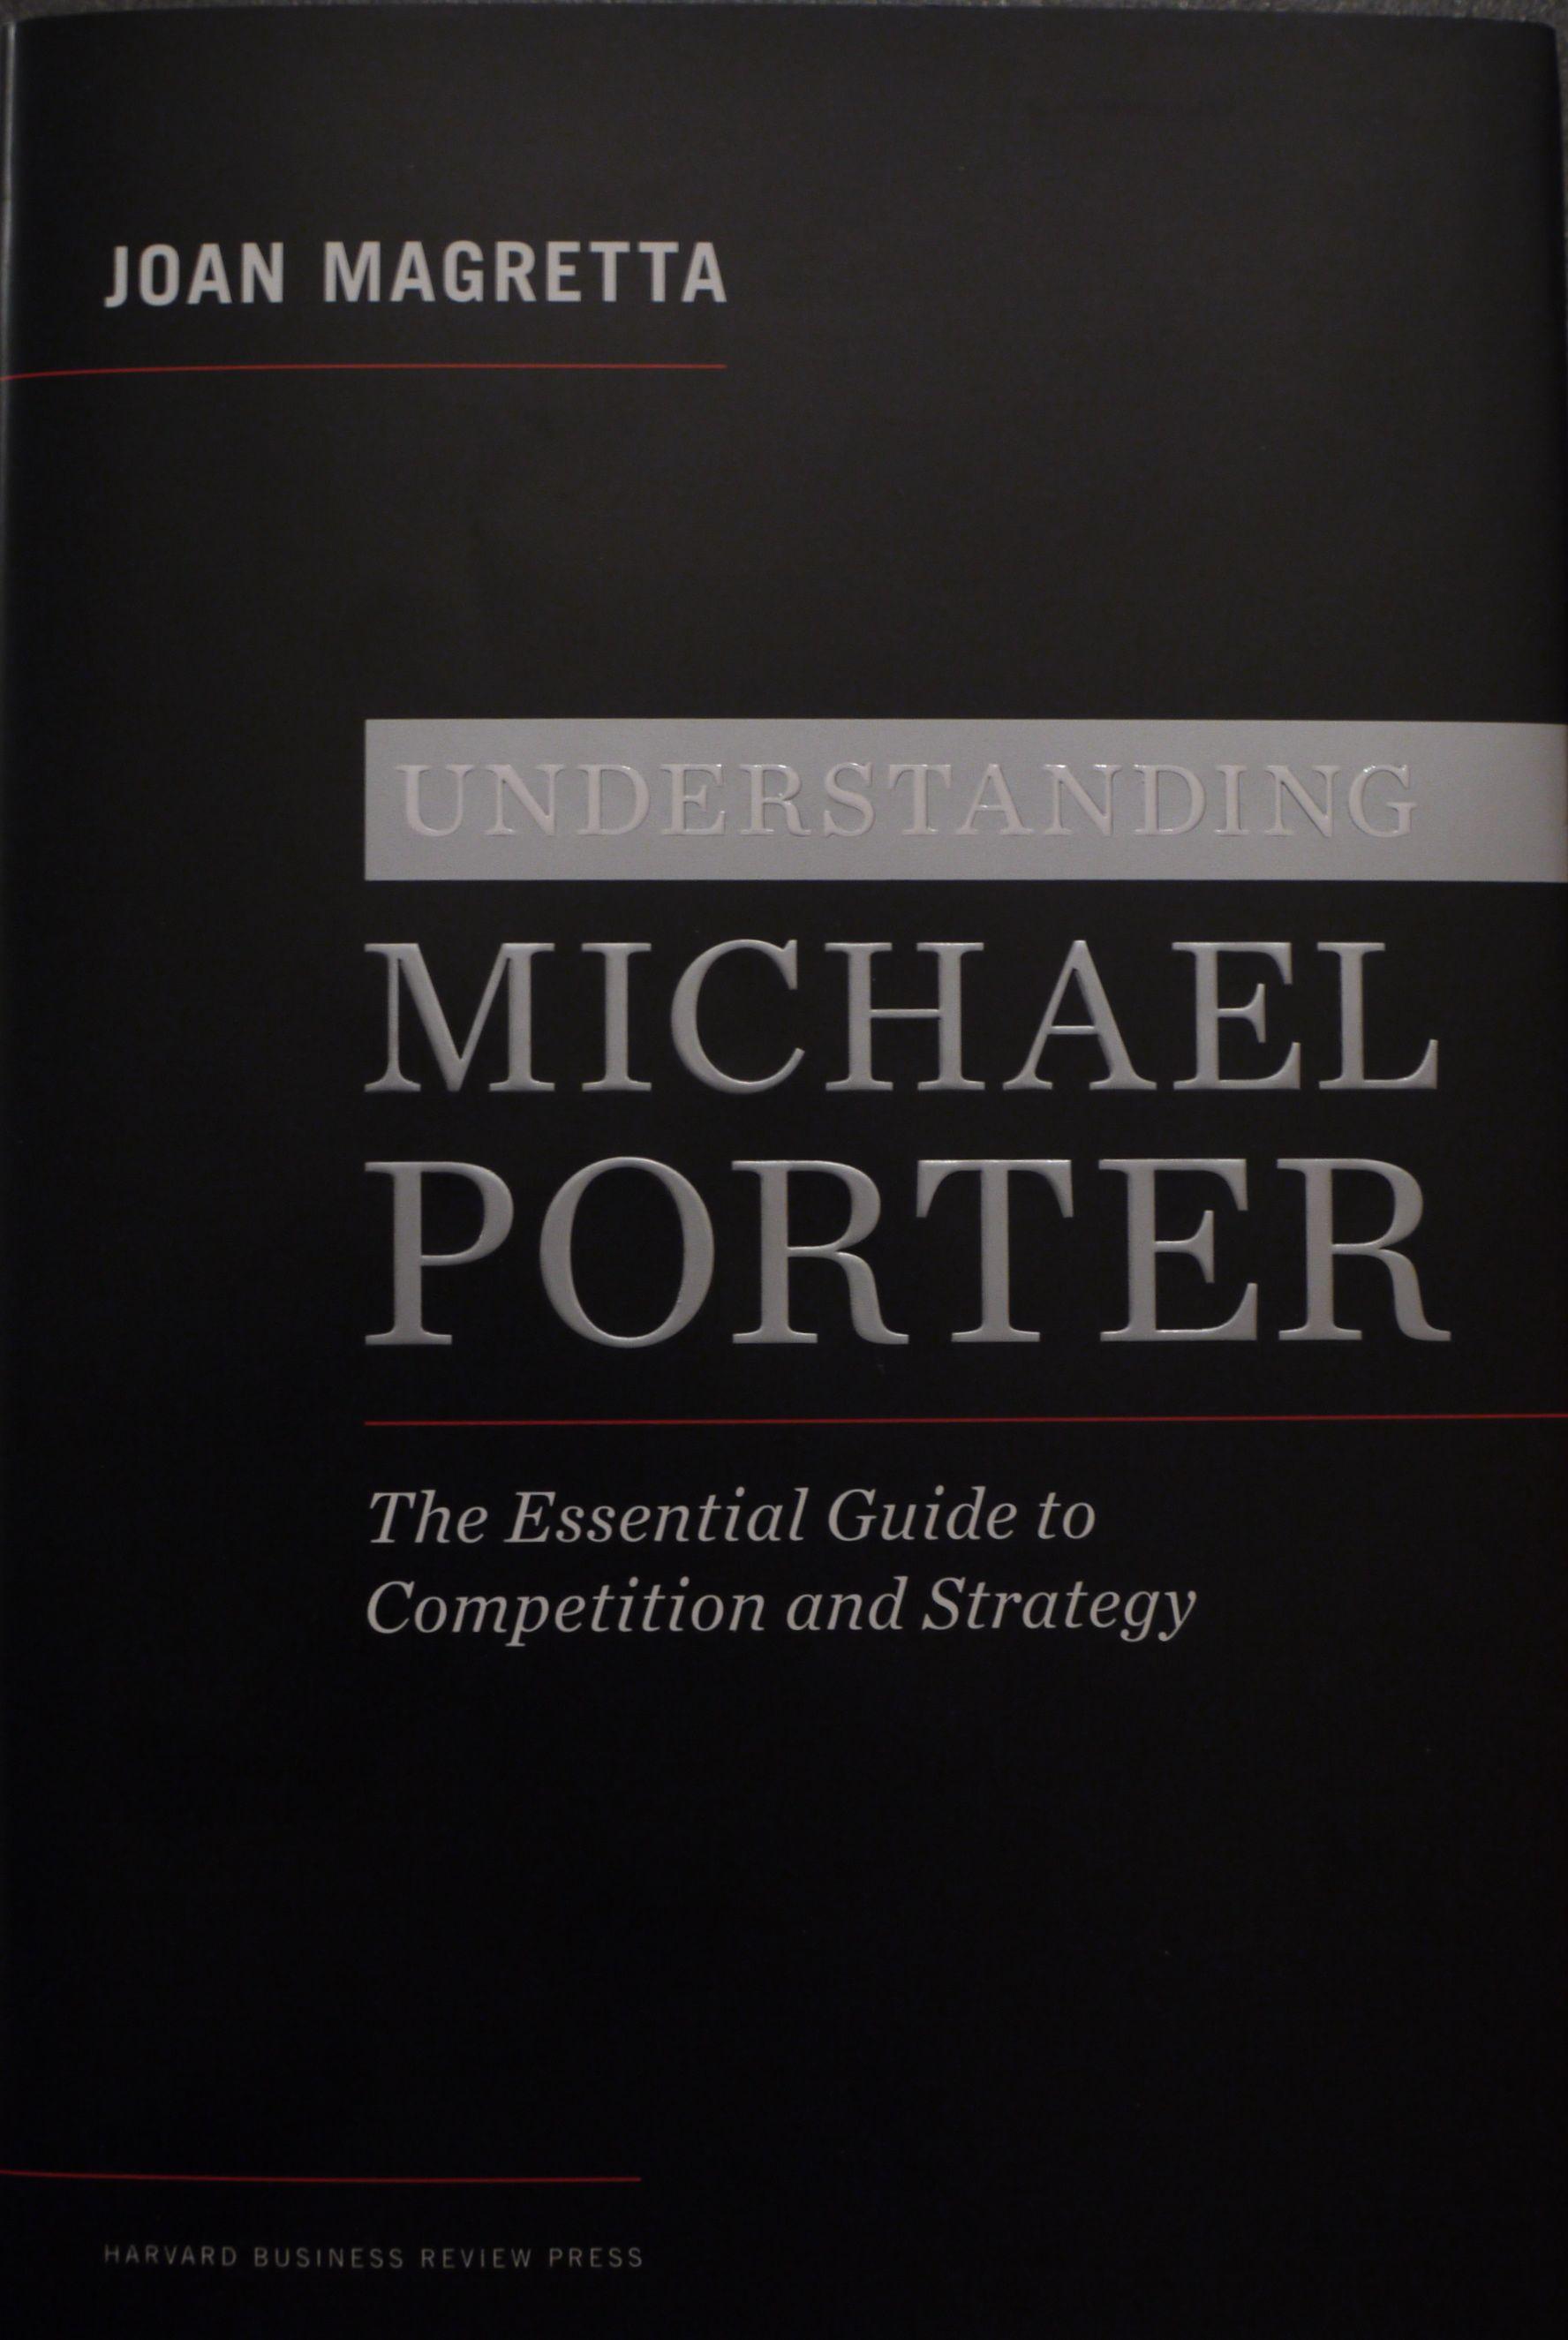 UnderstandingMichaelPorter